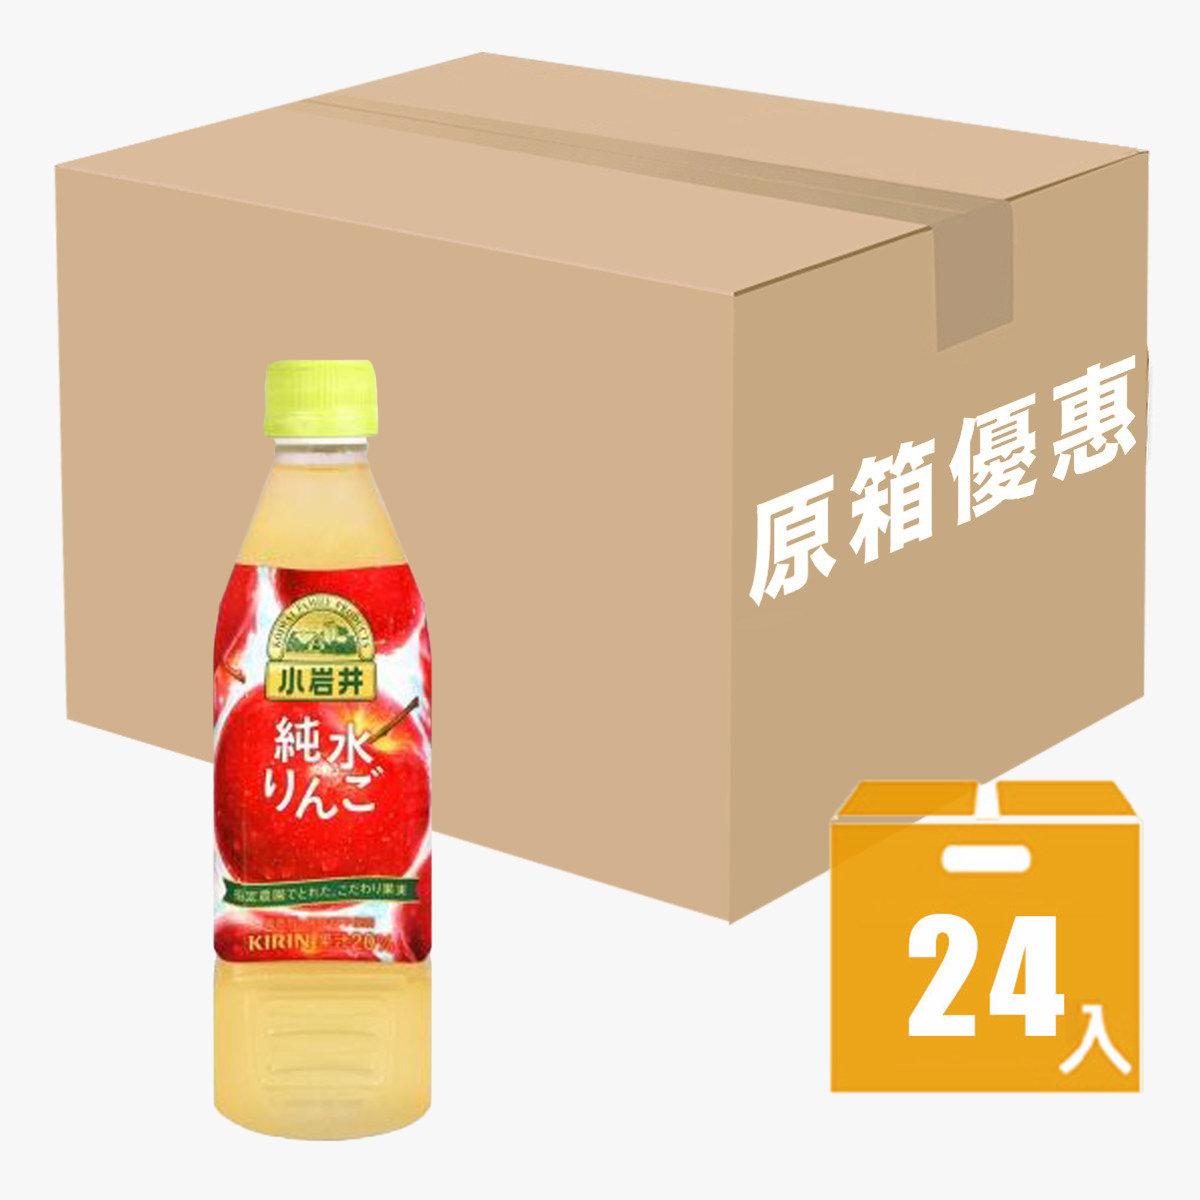 日本小岩井蘋果汁 430ml x 24 (原箱) (到期日: 2020年11月)